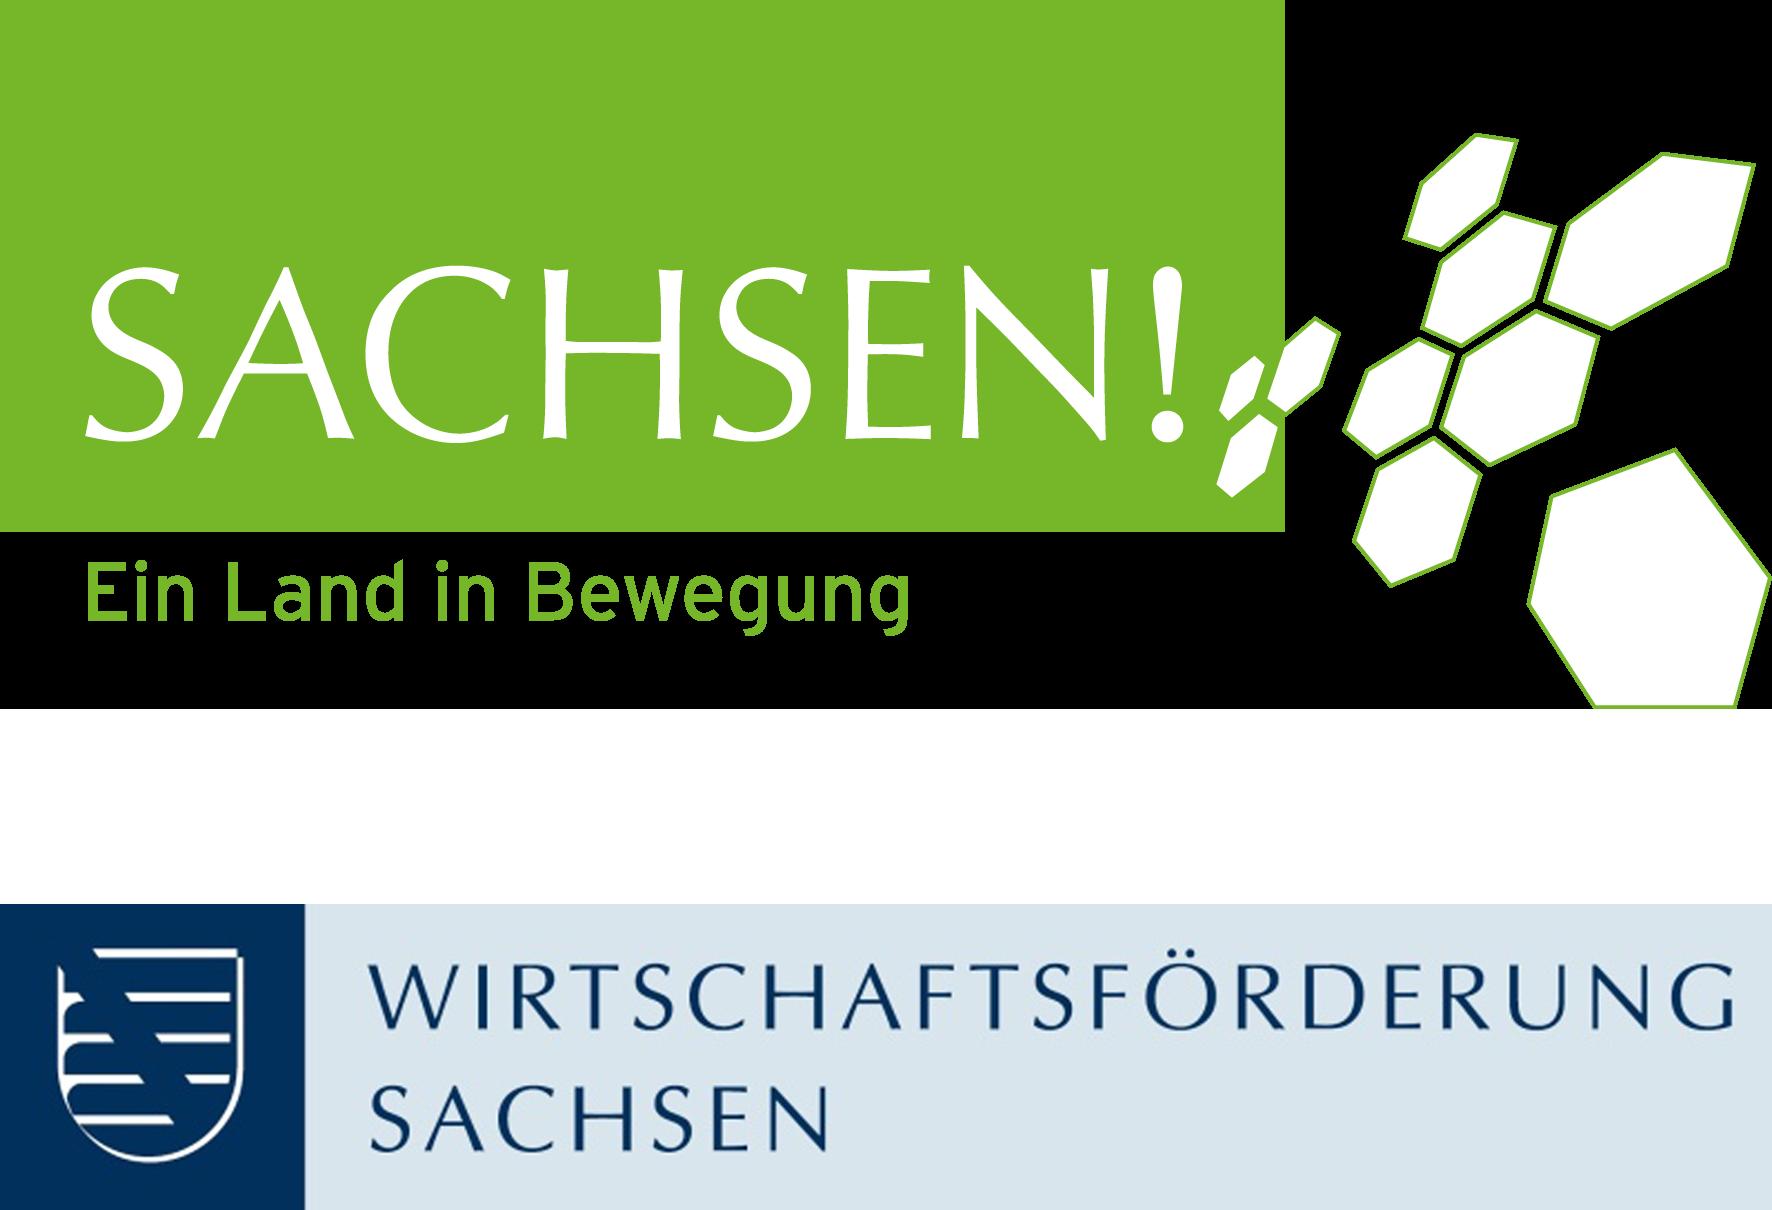 Wirtschaftsförderung Sachsen - Sponsor eines Impact Hub Ideathons